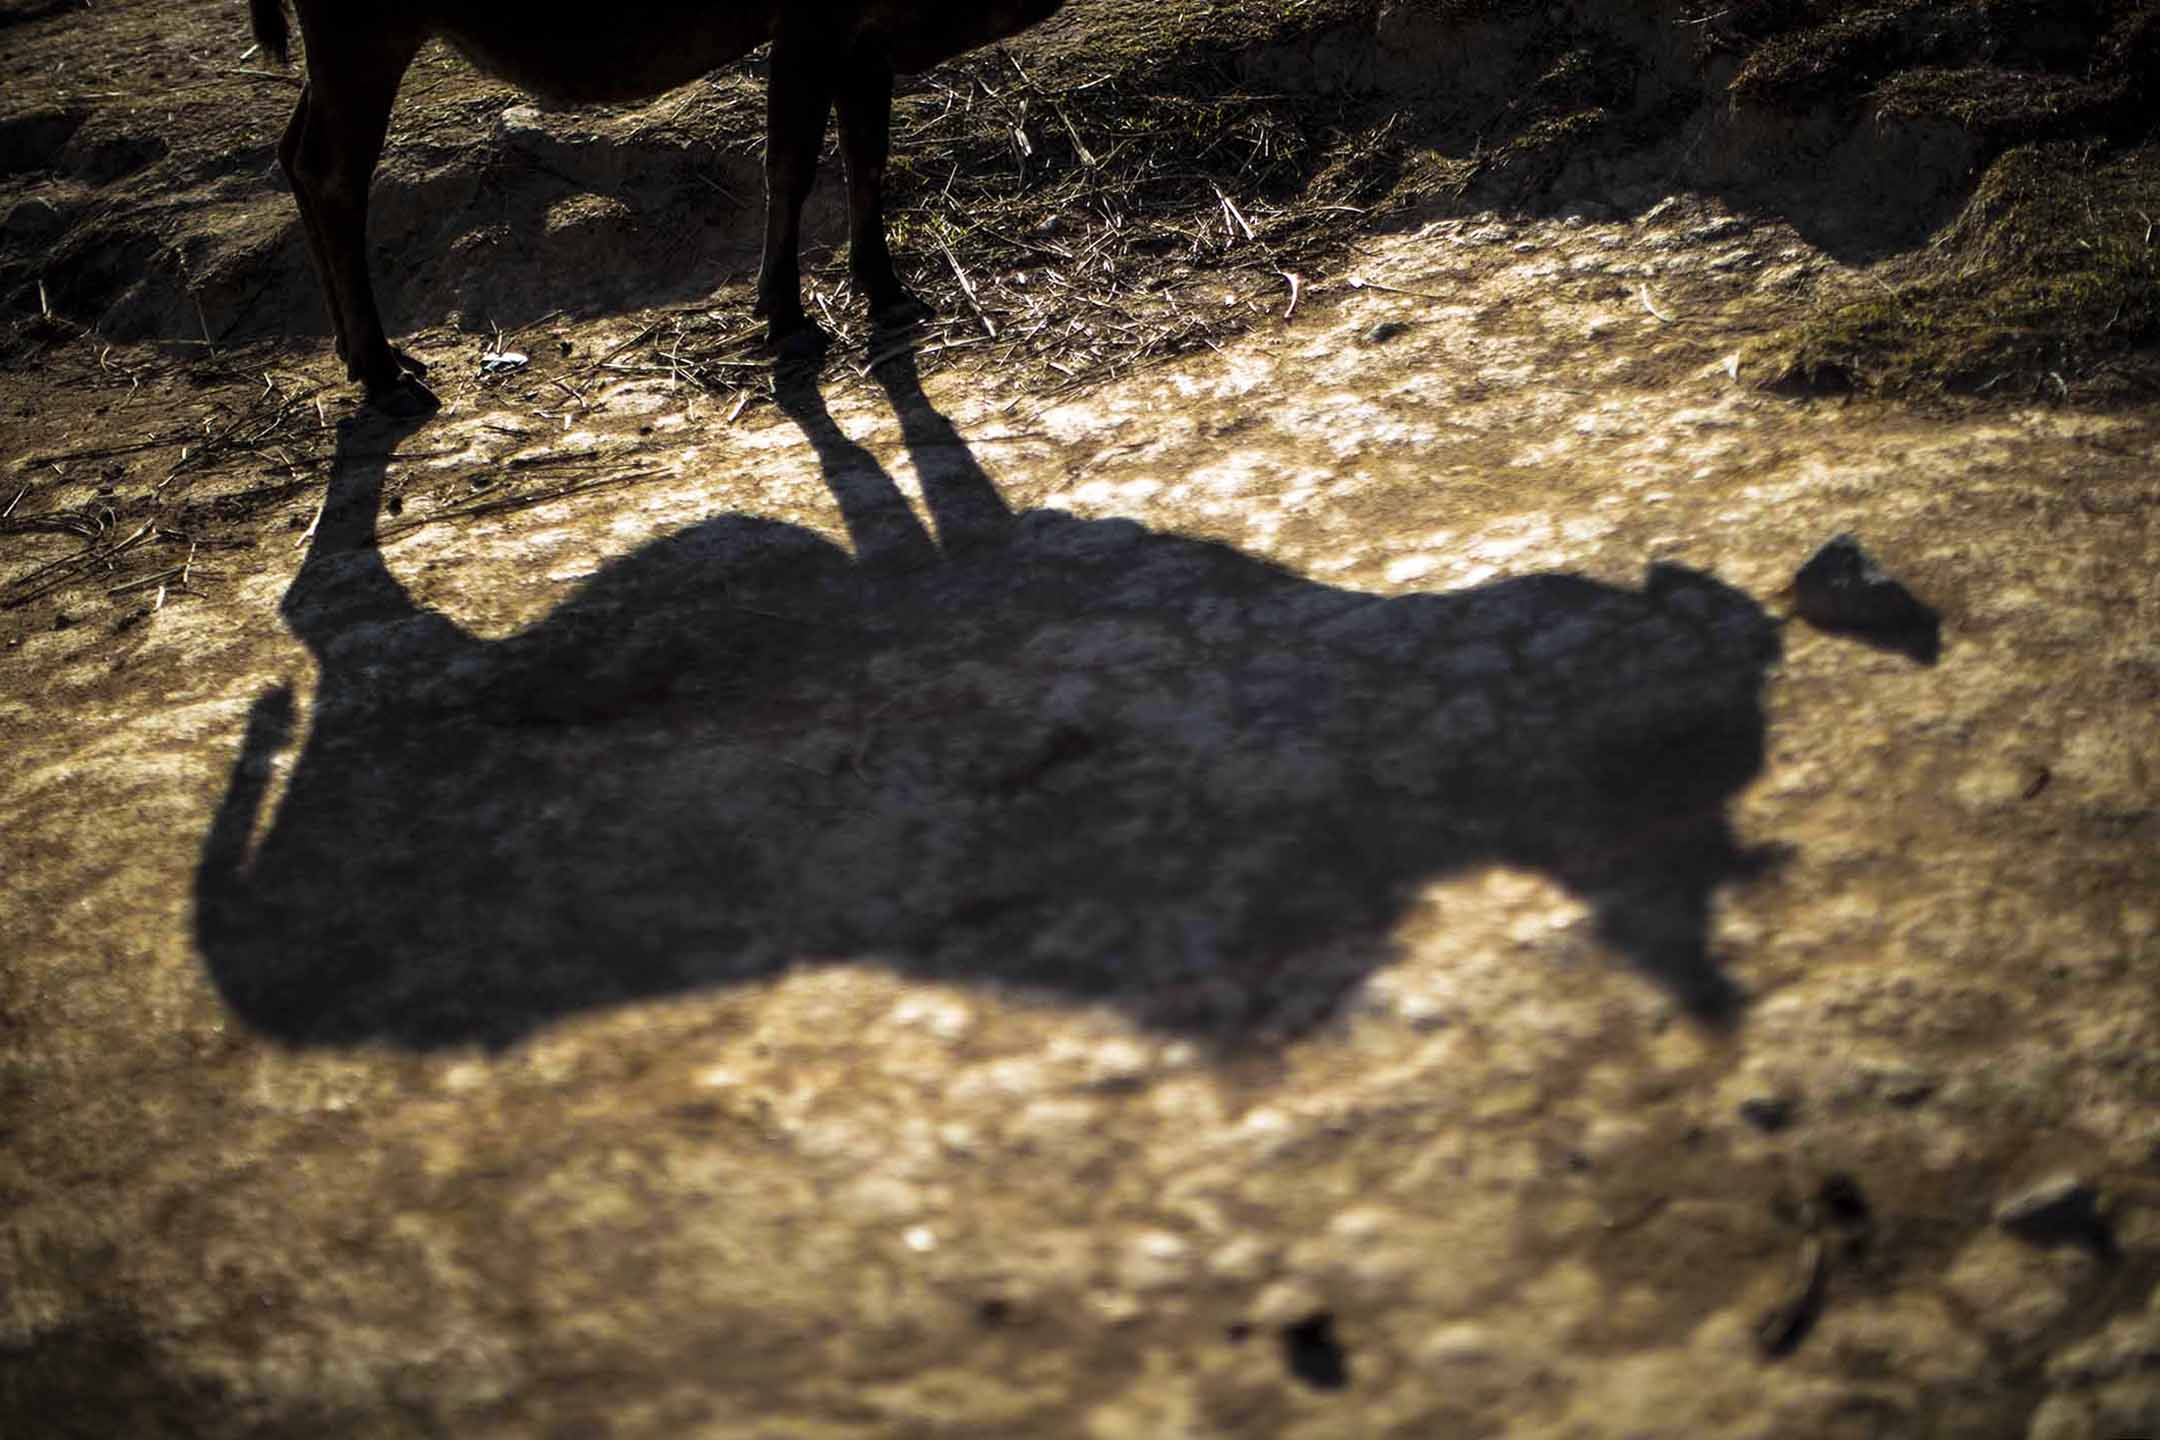 牛的剪影。